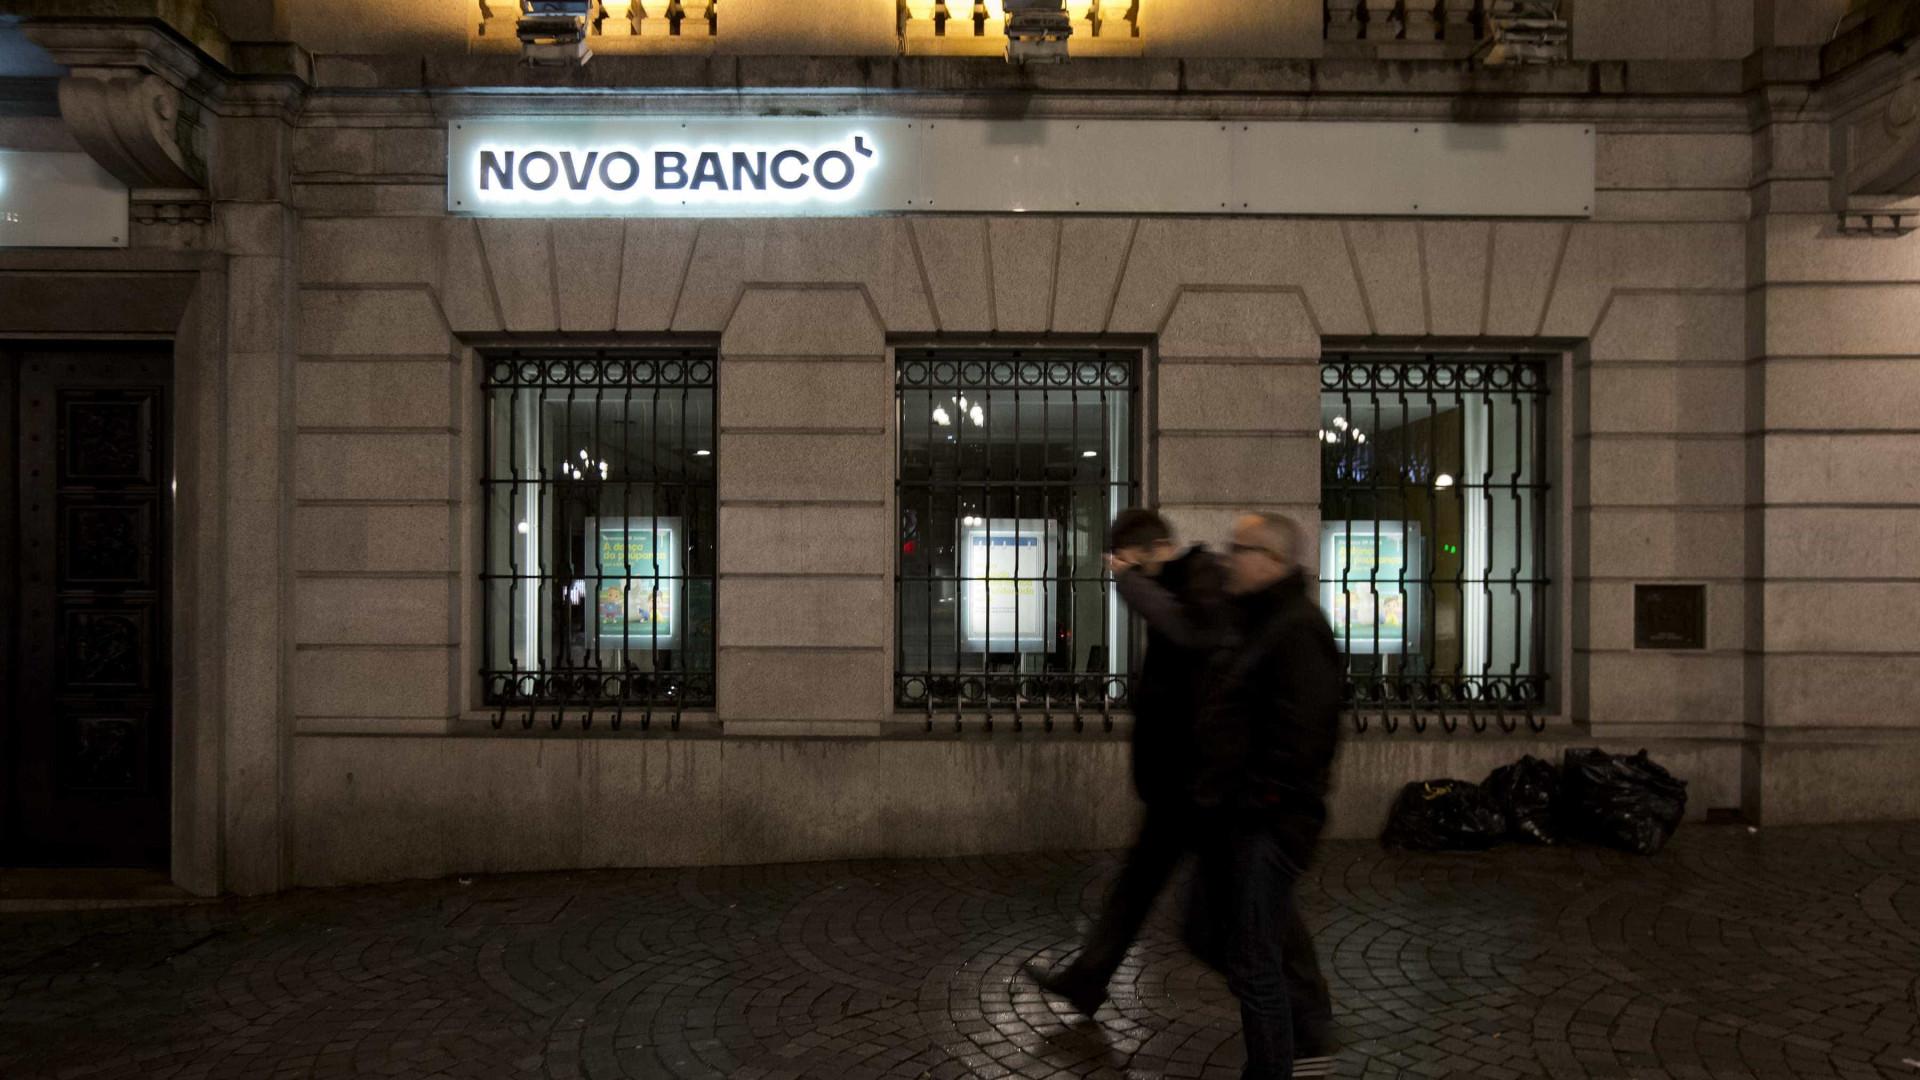 Mesmo após venda, Estado poderá vir a colocar mais dinheiro no banco